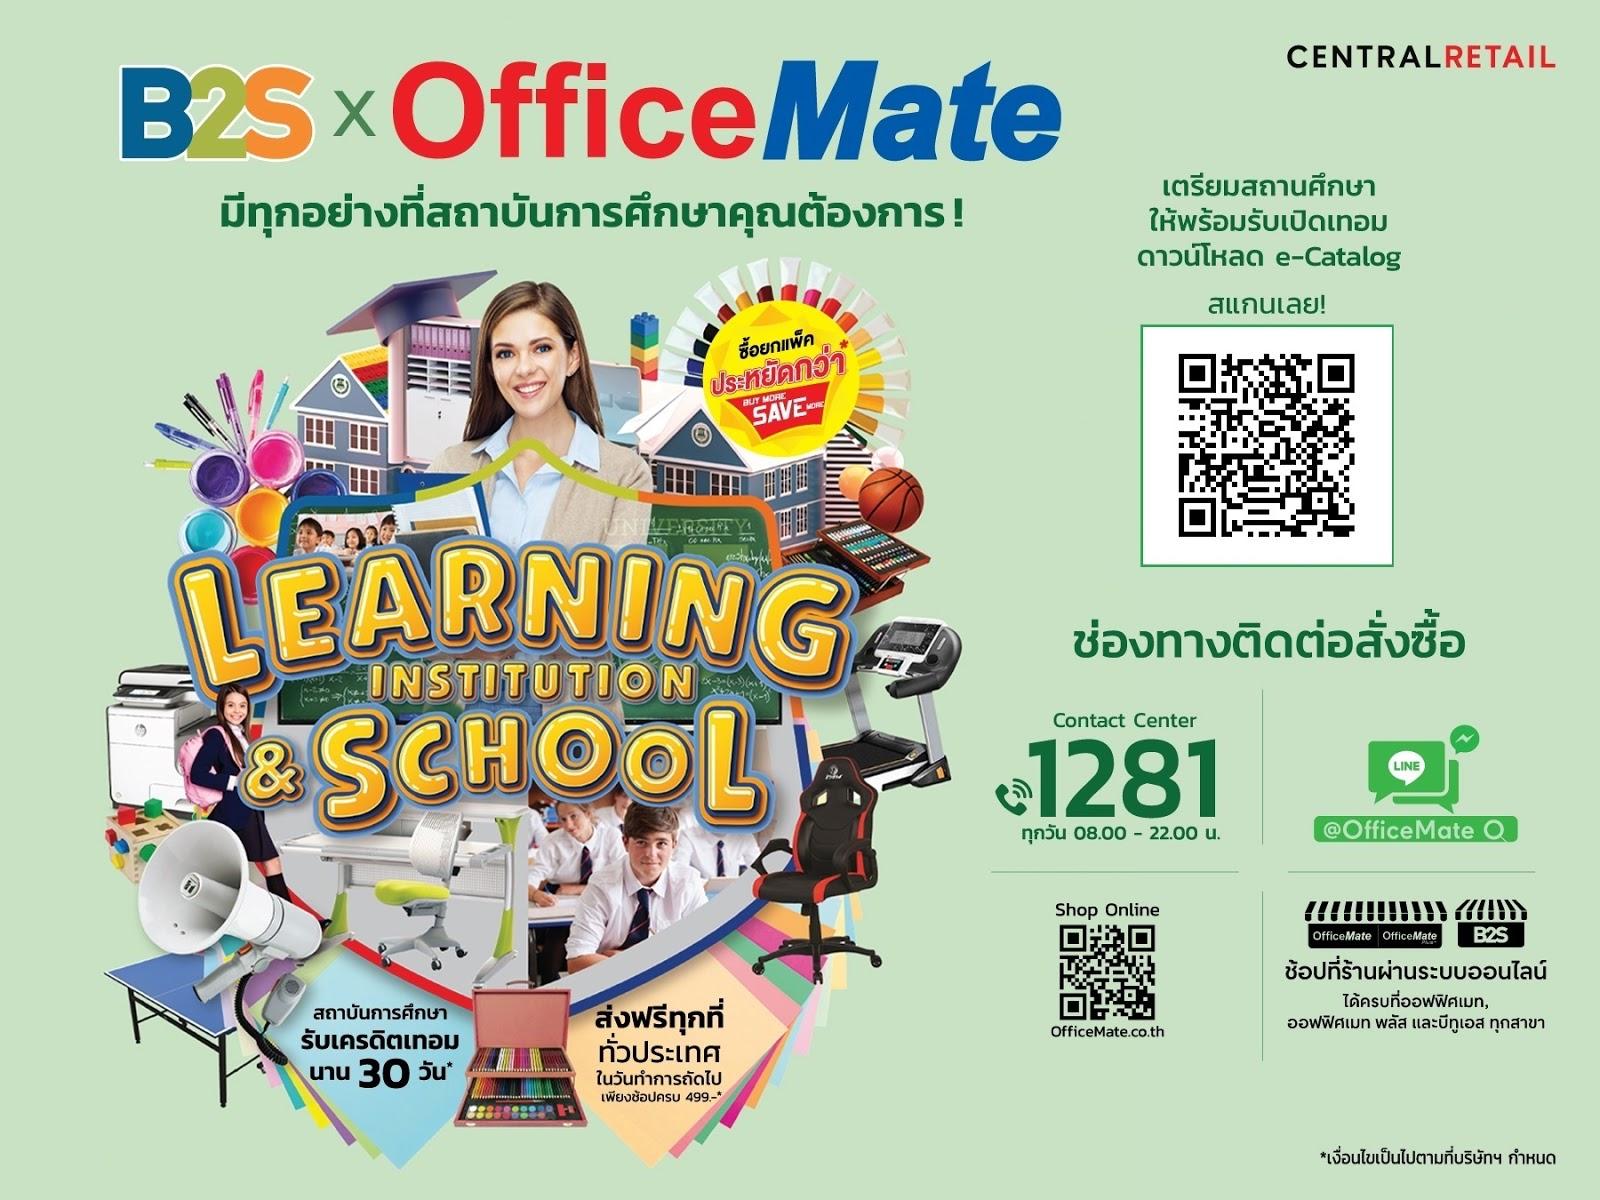 OfficeMate ผนึกกำลัง B2S ต้อนรับเปิดเทอมแบบ NewNormal ออกแคตตาล็อกเพื่อโรงเรียน…มีทุกอย่างที่สถาบันการศึกษาต้องการ!พร้อมมอบสิทธิพิเศษราคาซื้อยกแพ็คสุดประหยัดและเครดิตเทอม